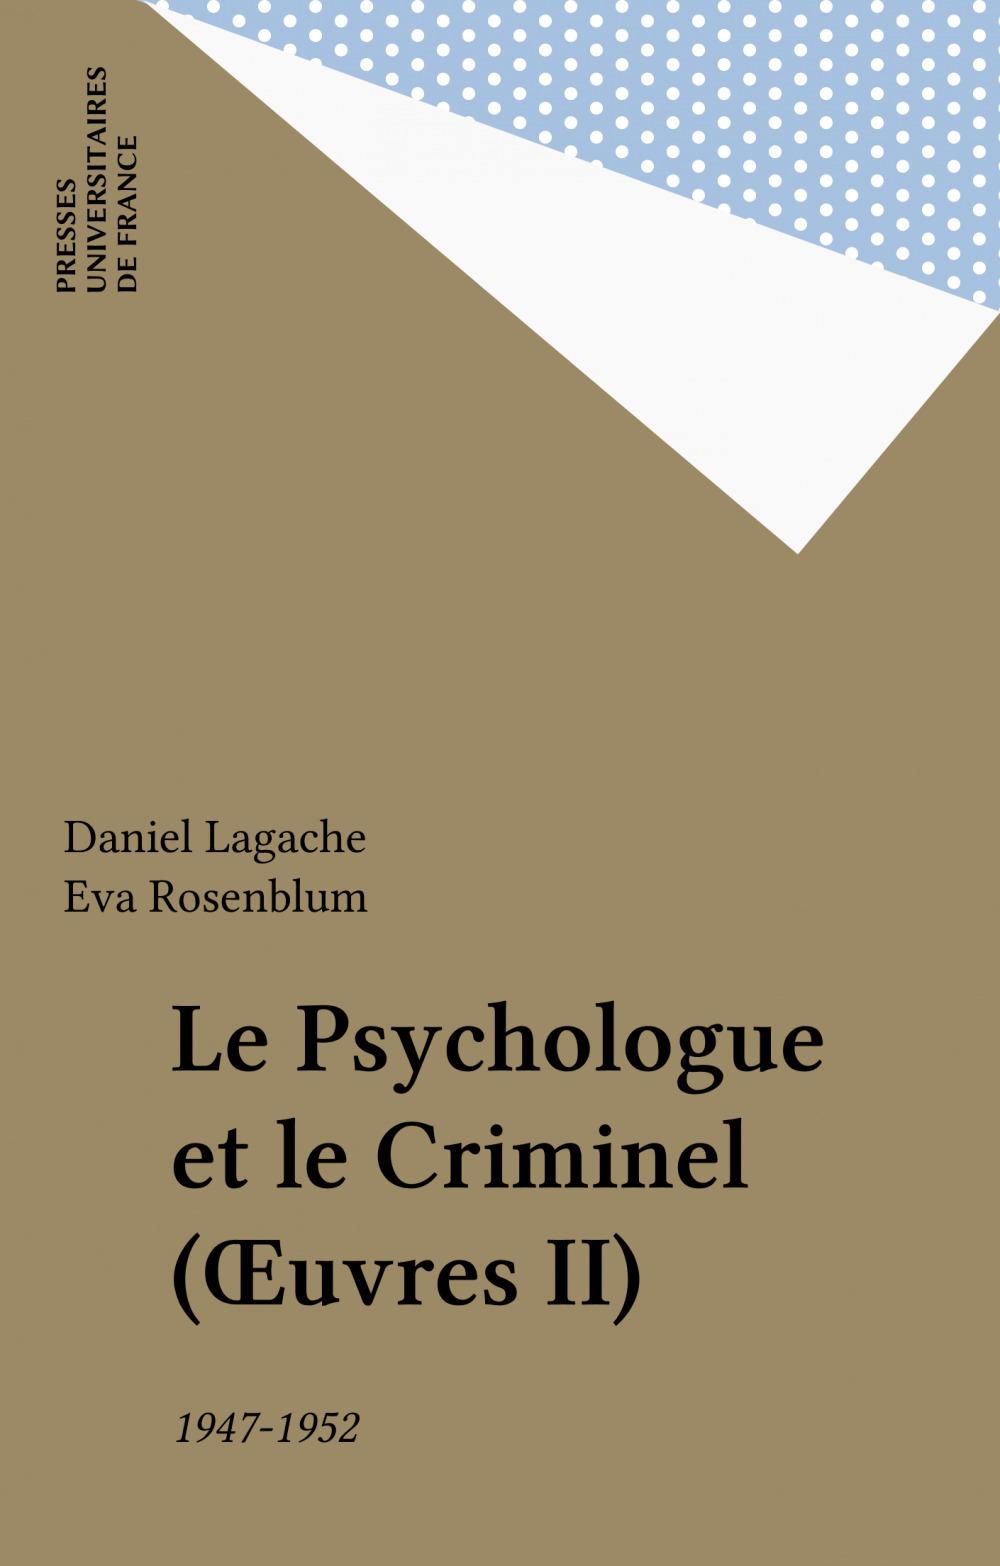 Le Psychologue et le Criminel (OEuvres II)